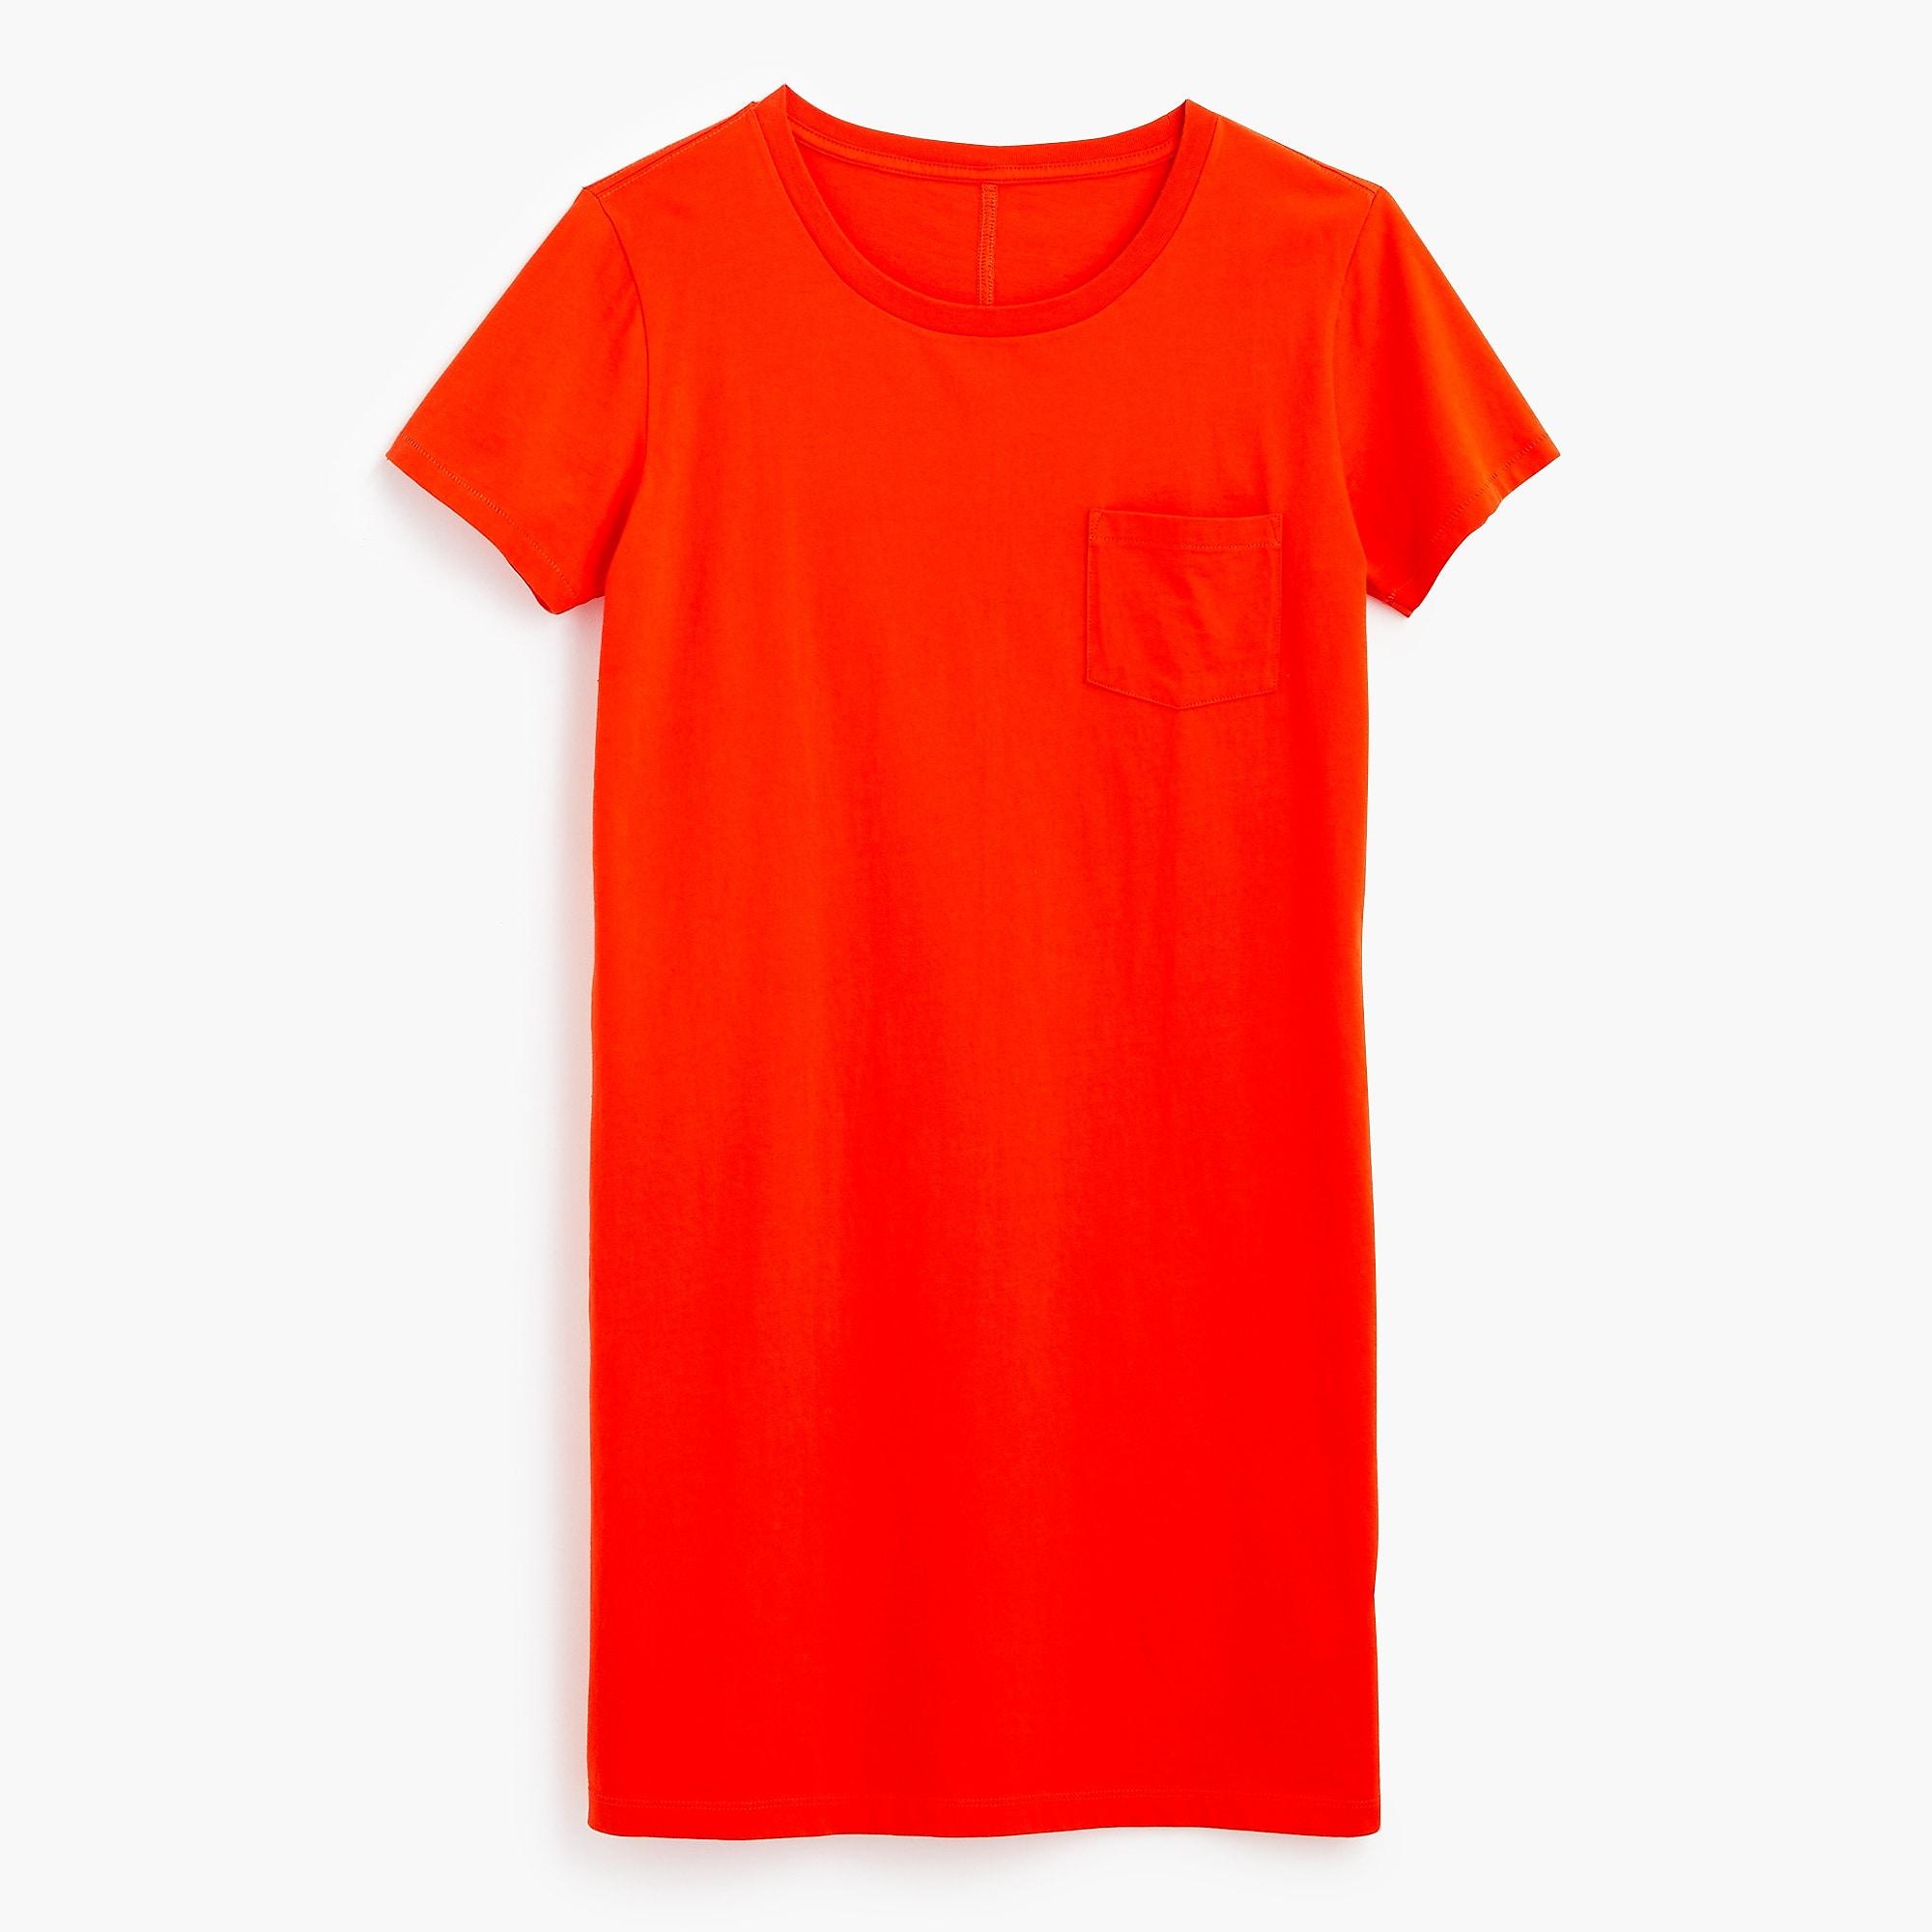 A t-shirt dress -